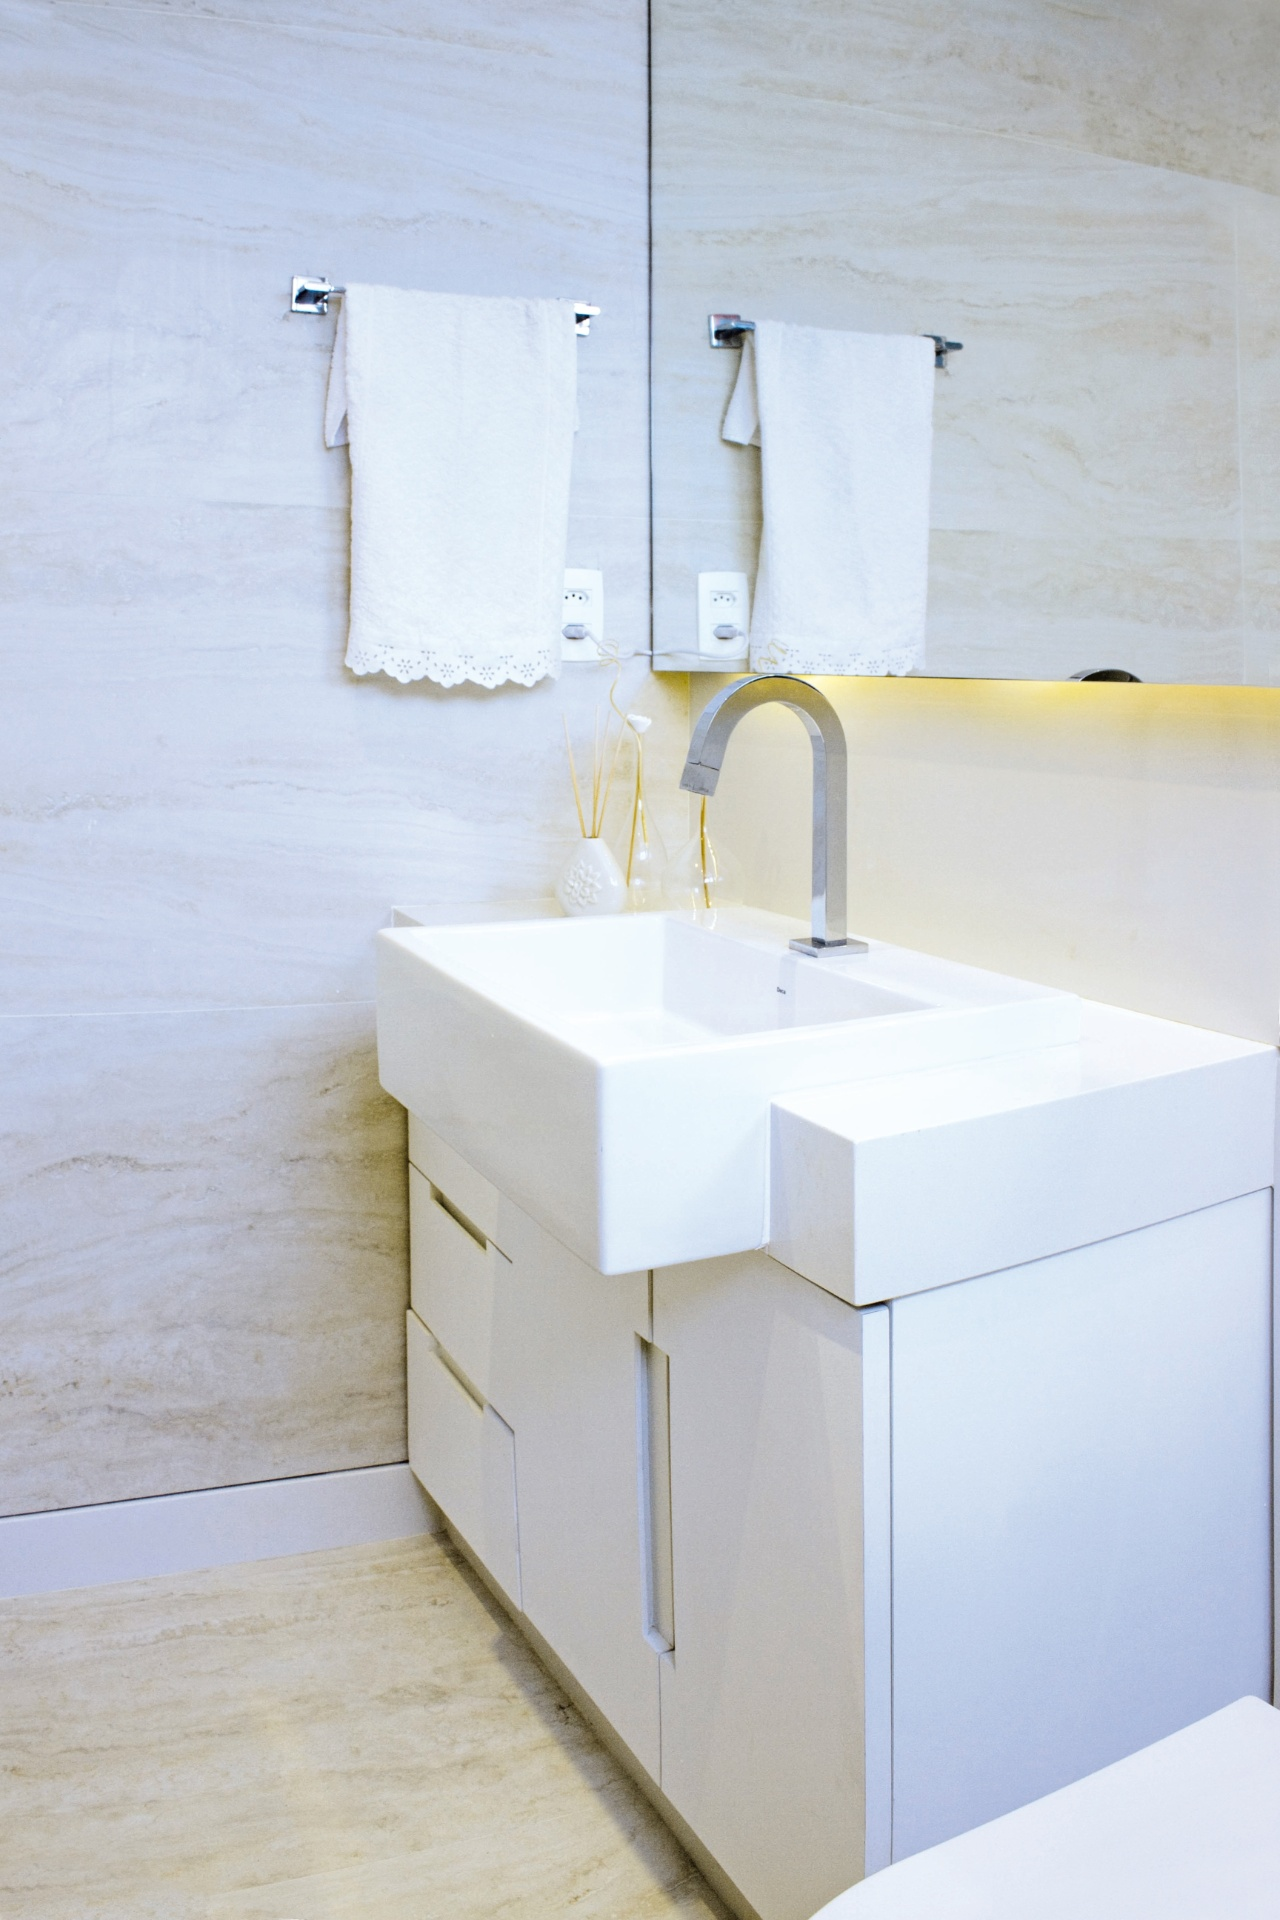 No banheiro da suíte a bancada é feita de superfície cristalizada  #5B5030 1280x1920 Banheiro Bancada Porcelanato